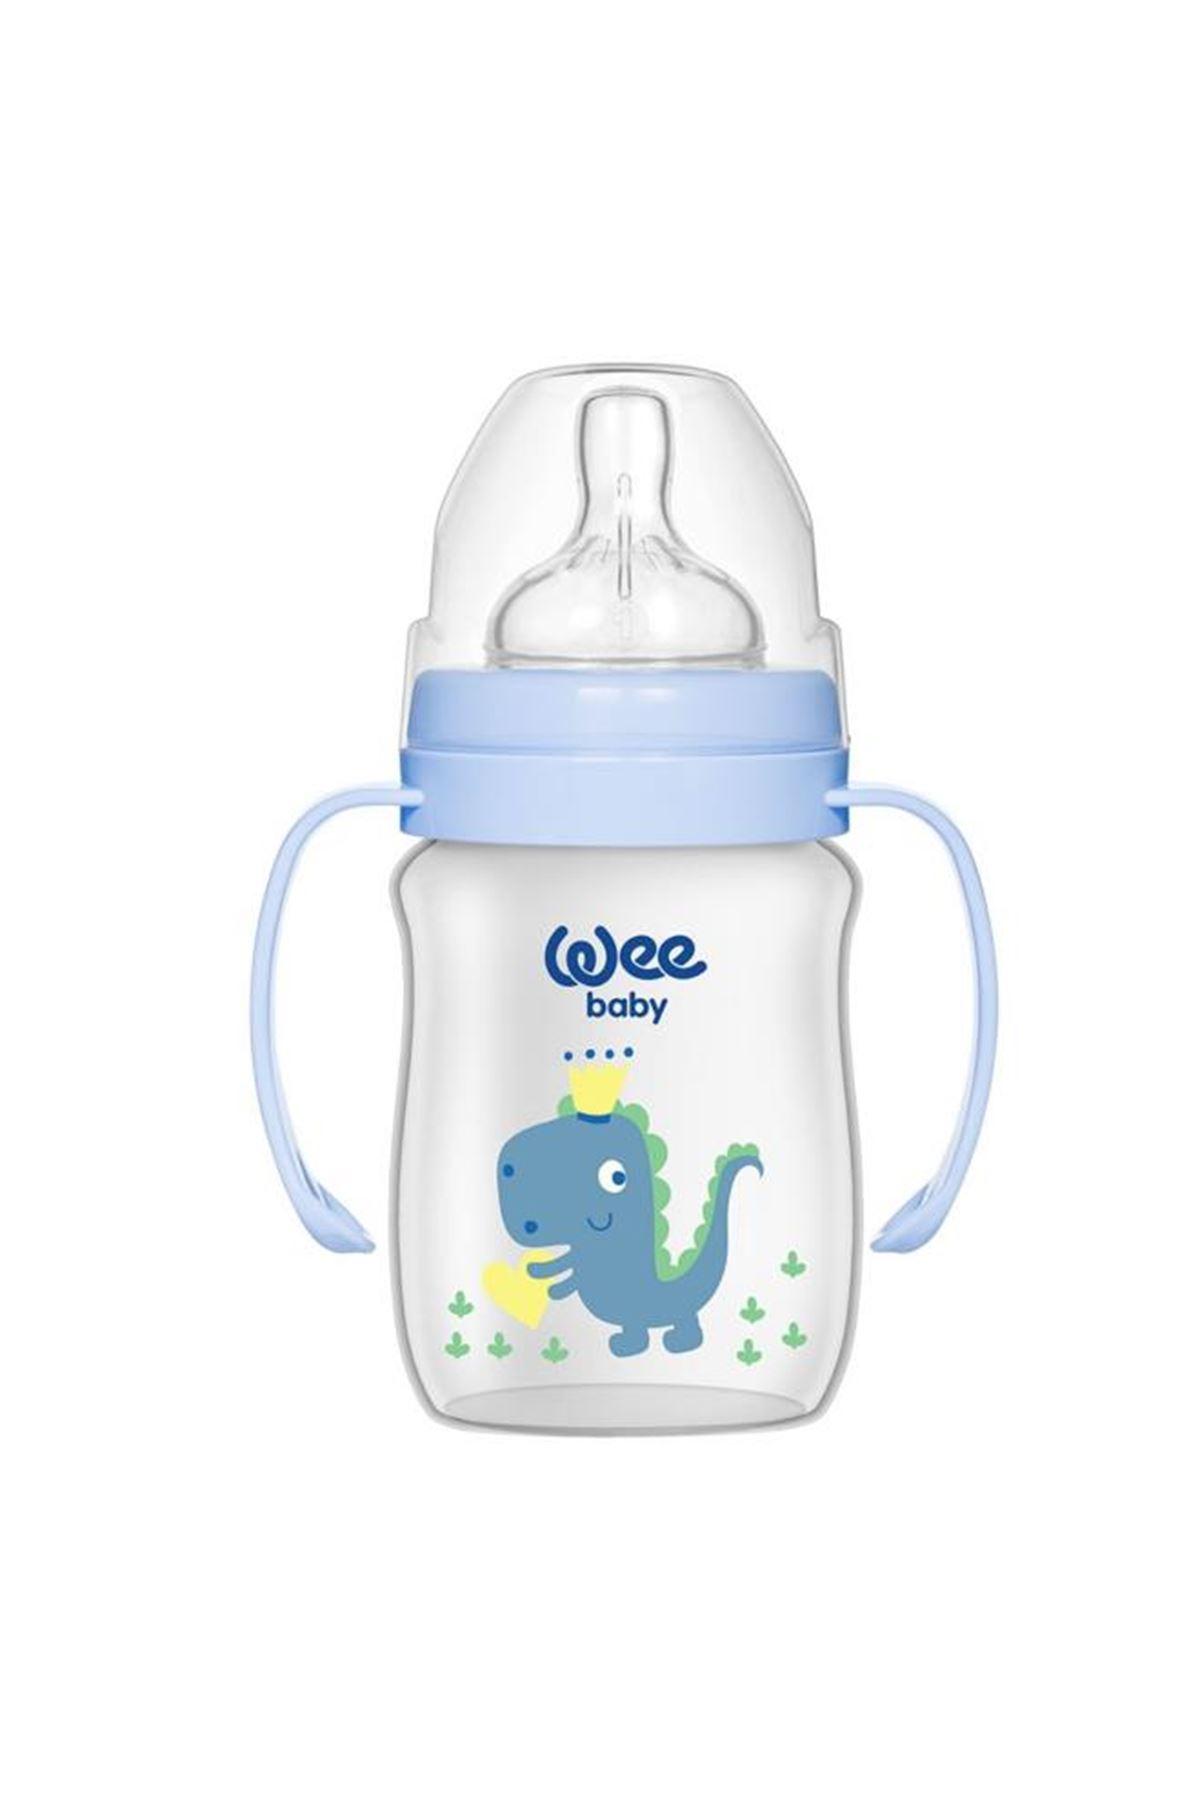 Wee Baby Klasik Plus Geniş Agızlı Kulplu PP Biberon 150 ml 137